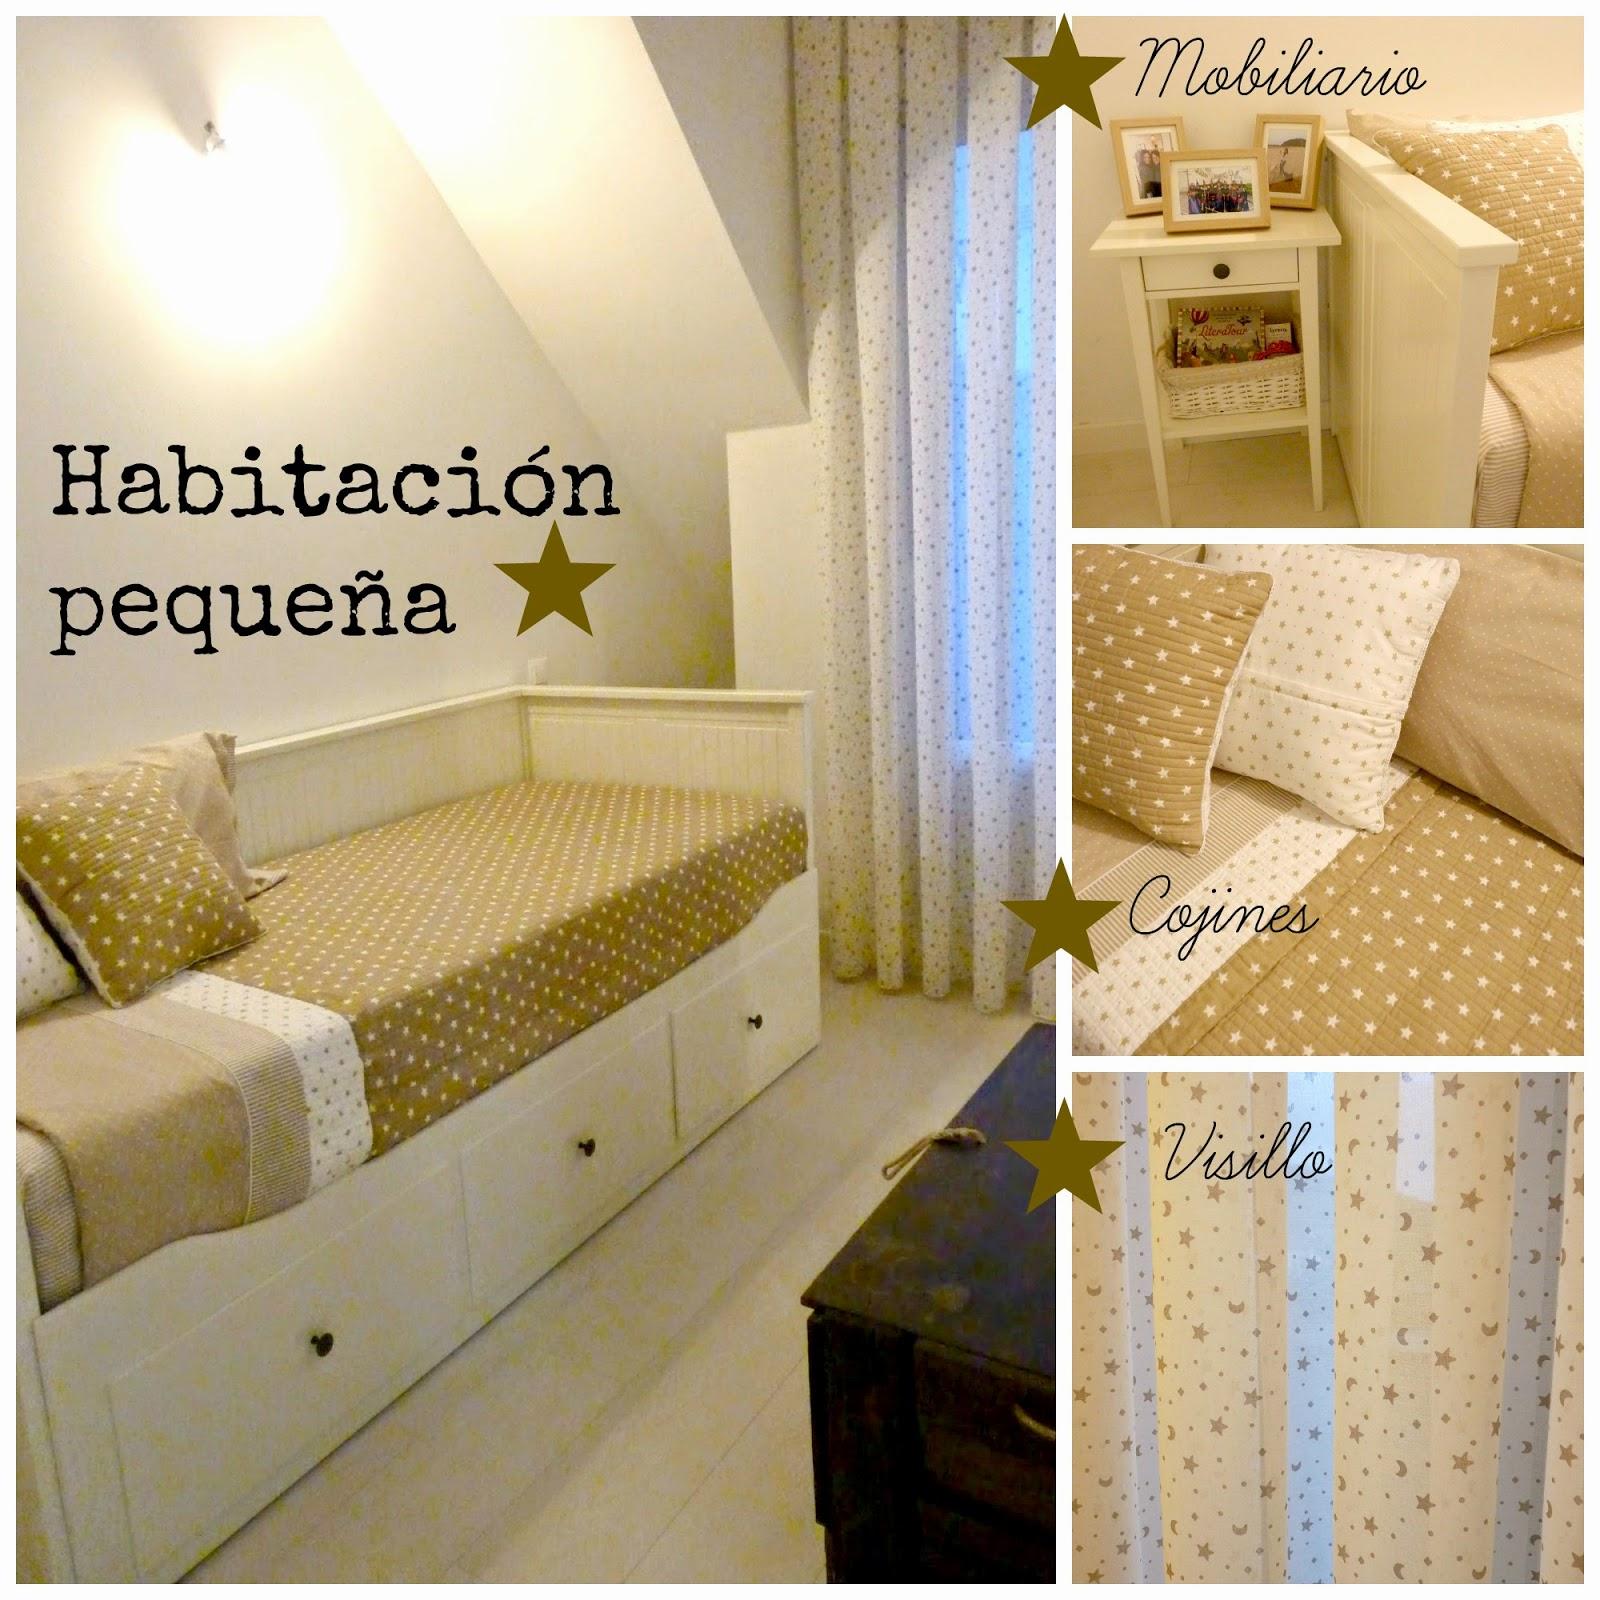 Baul habitacion good baul tapizado para dormitorio - Baul asiento dormitorio ...